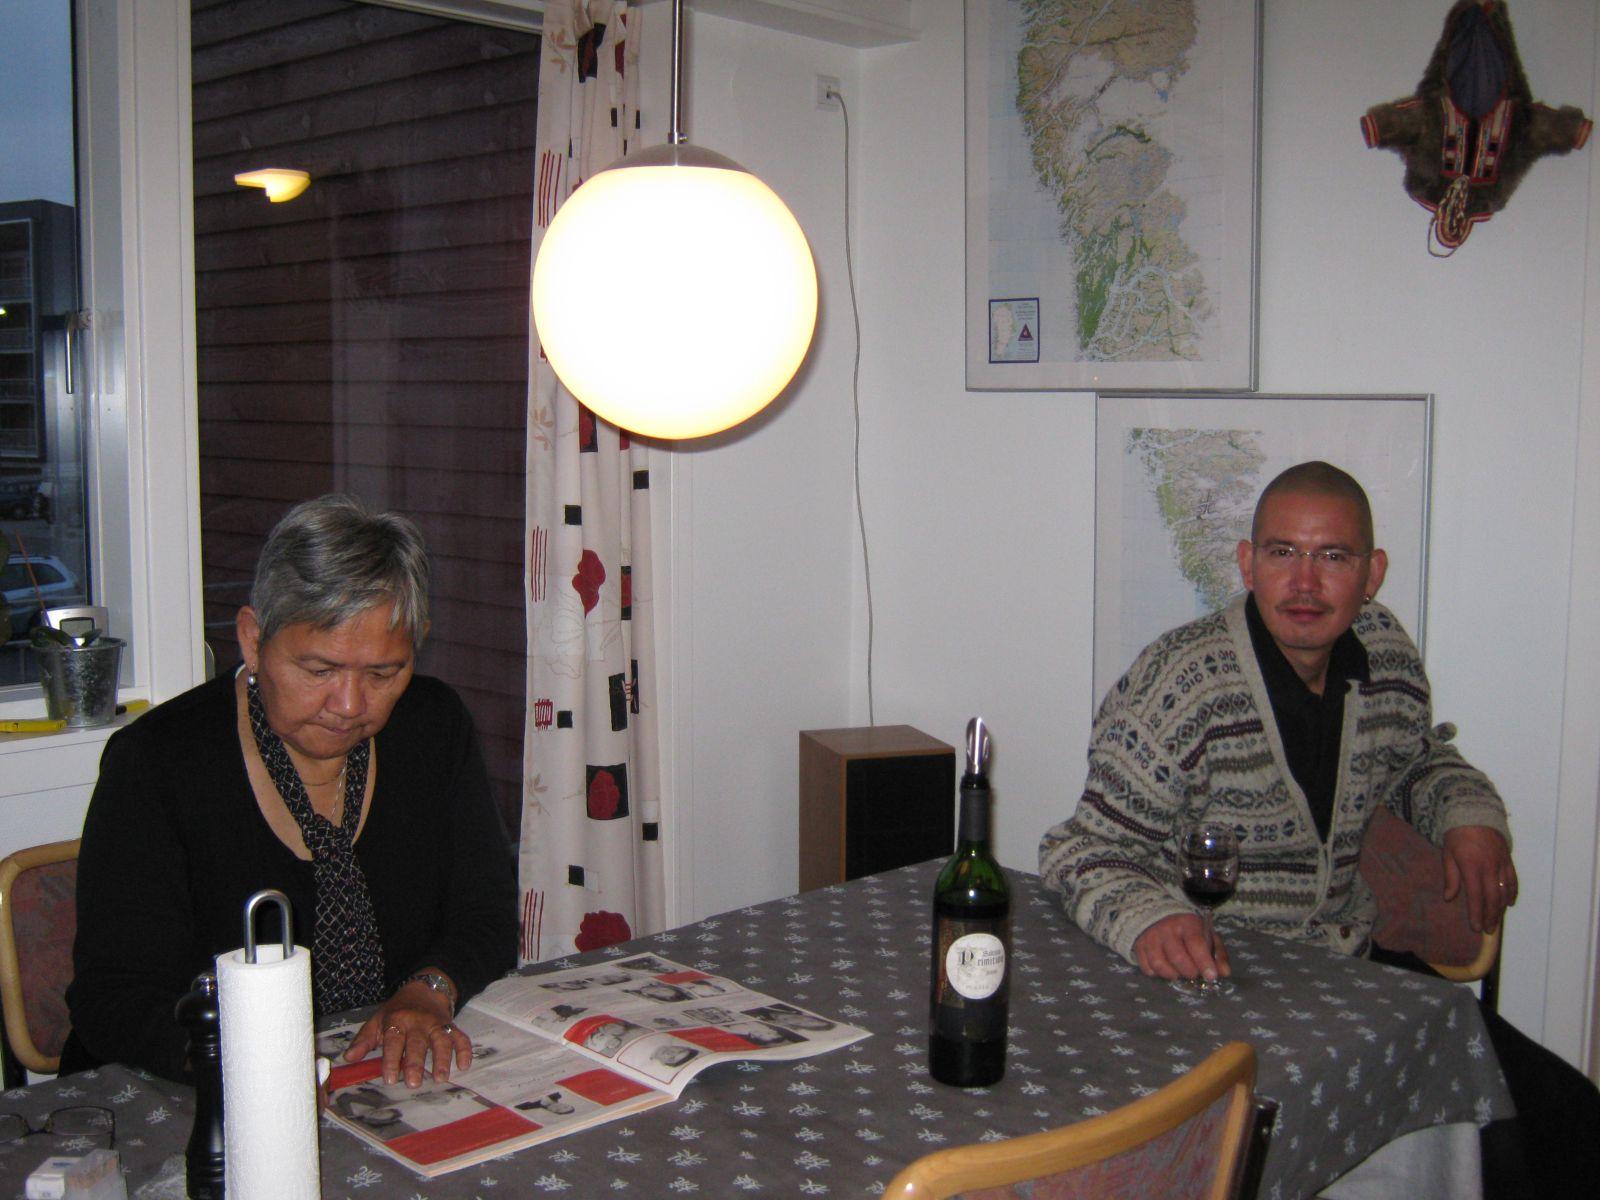 2009-10-10-1836_Kornelia Sandgreen; Palle Sandgreen